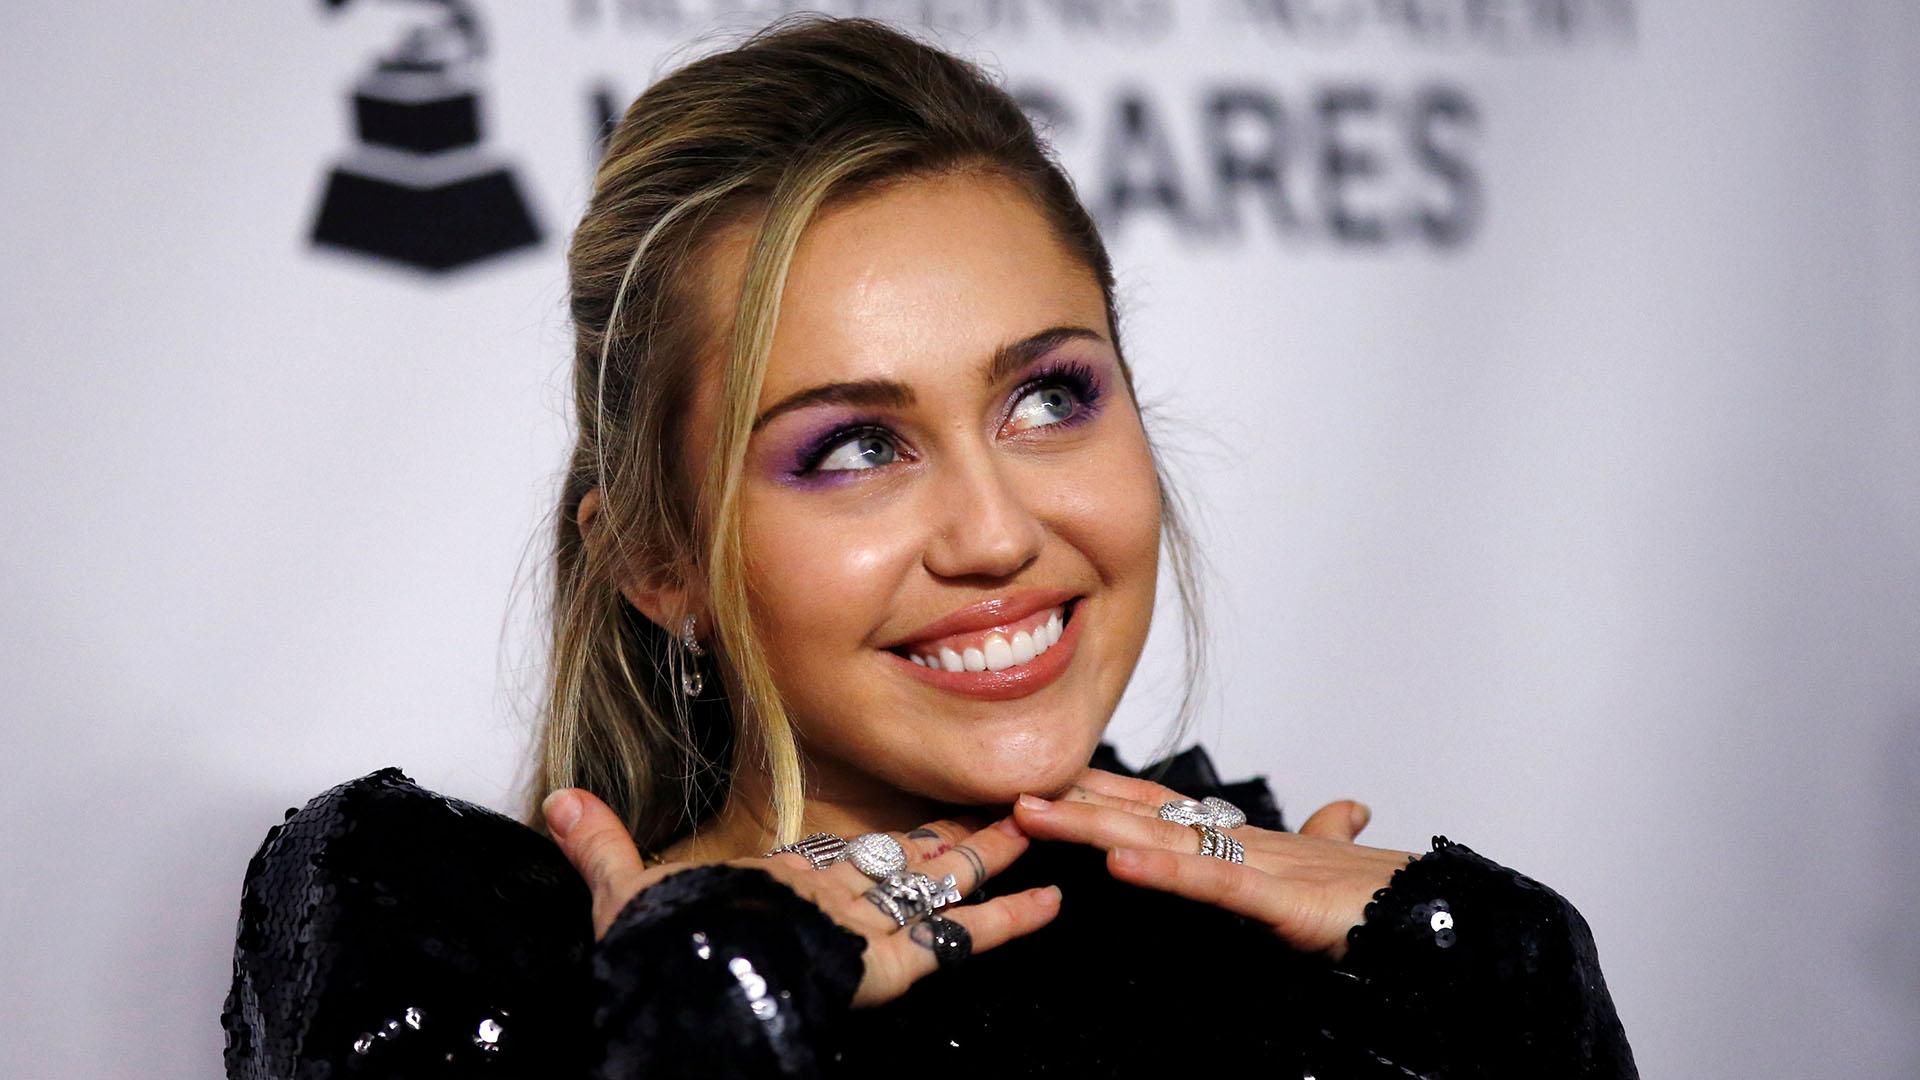 La simpatía de Miley Cyrus en la red carpet de la gala